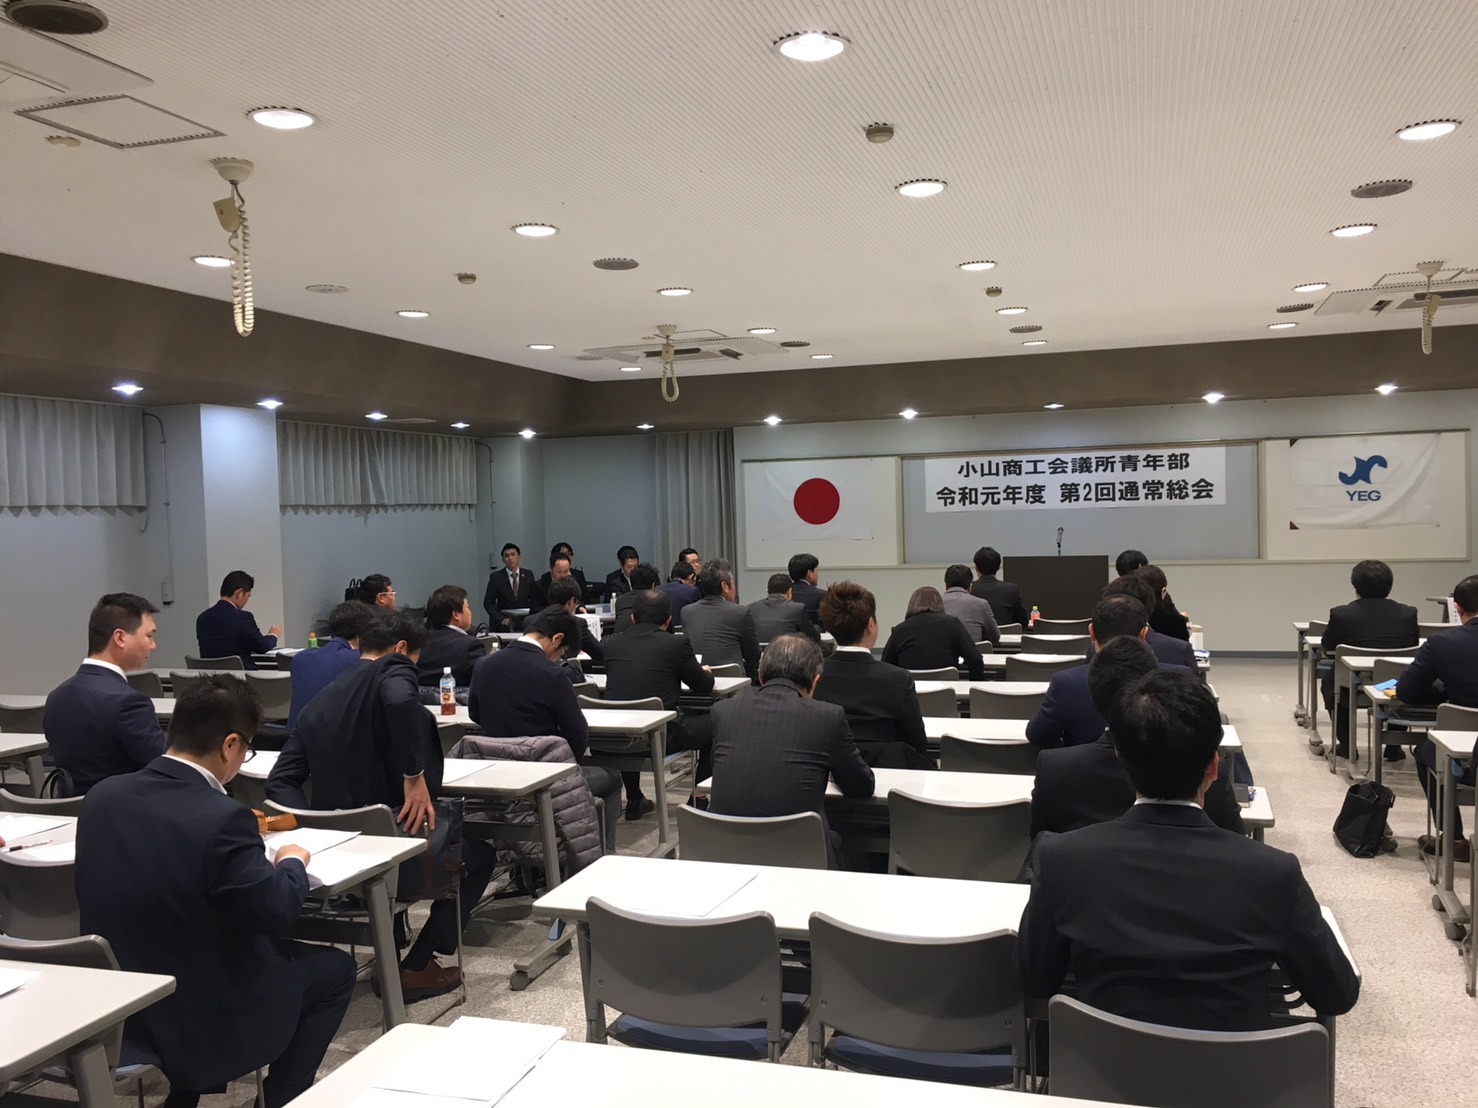 令和元年度 第二回通常総会を開催致しました。